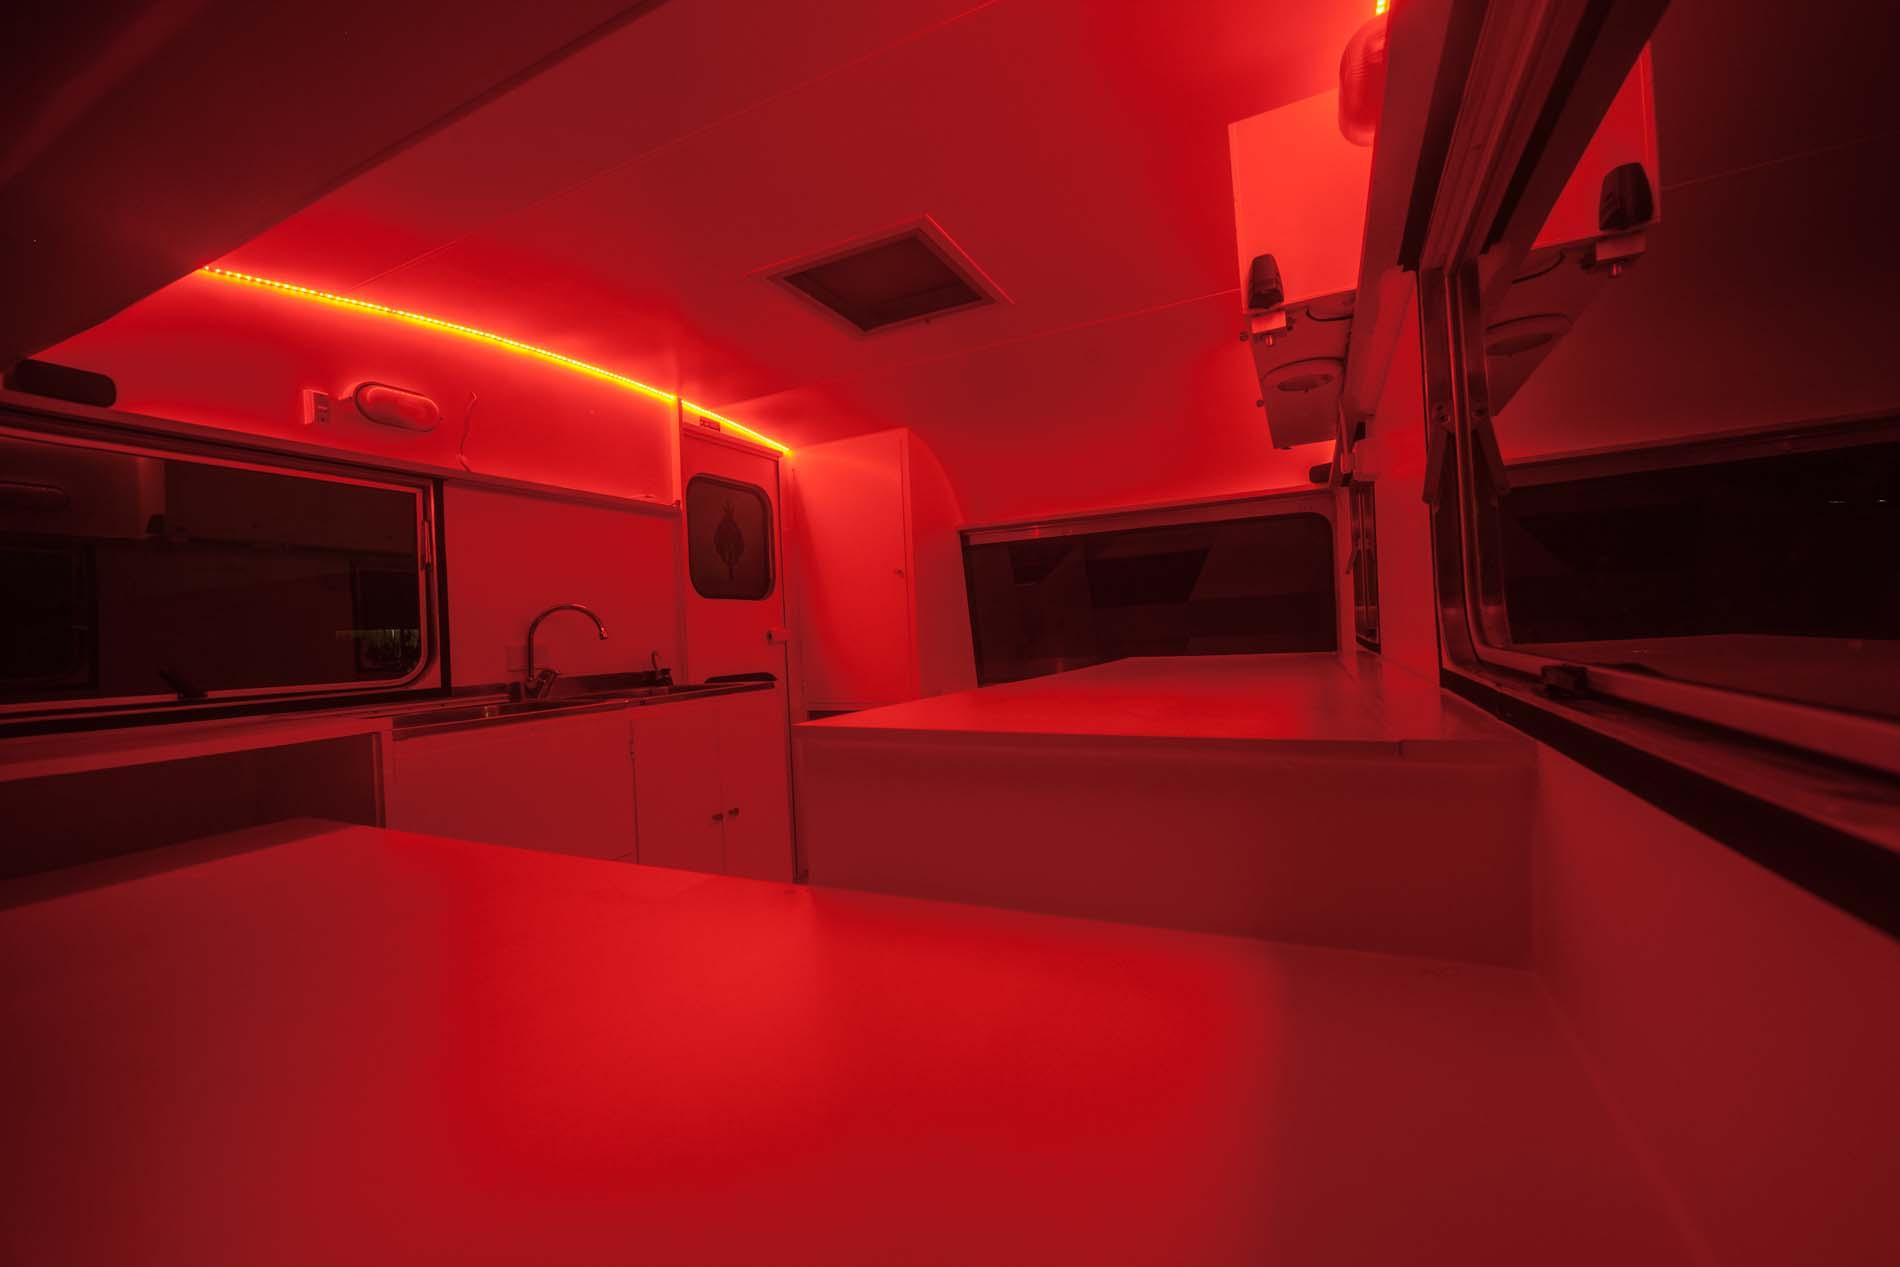 Darkroom under red lights